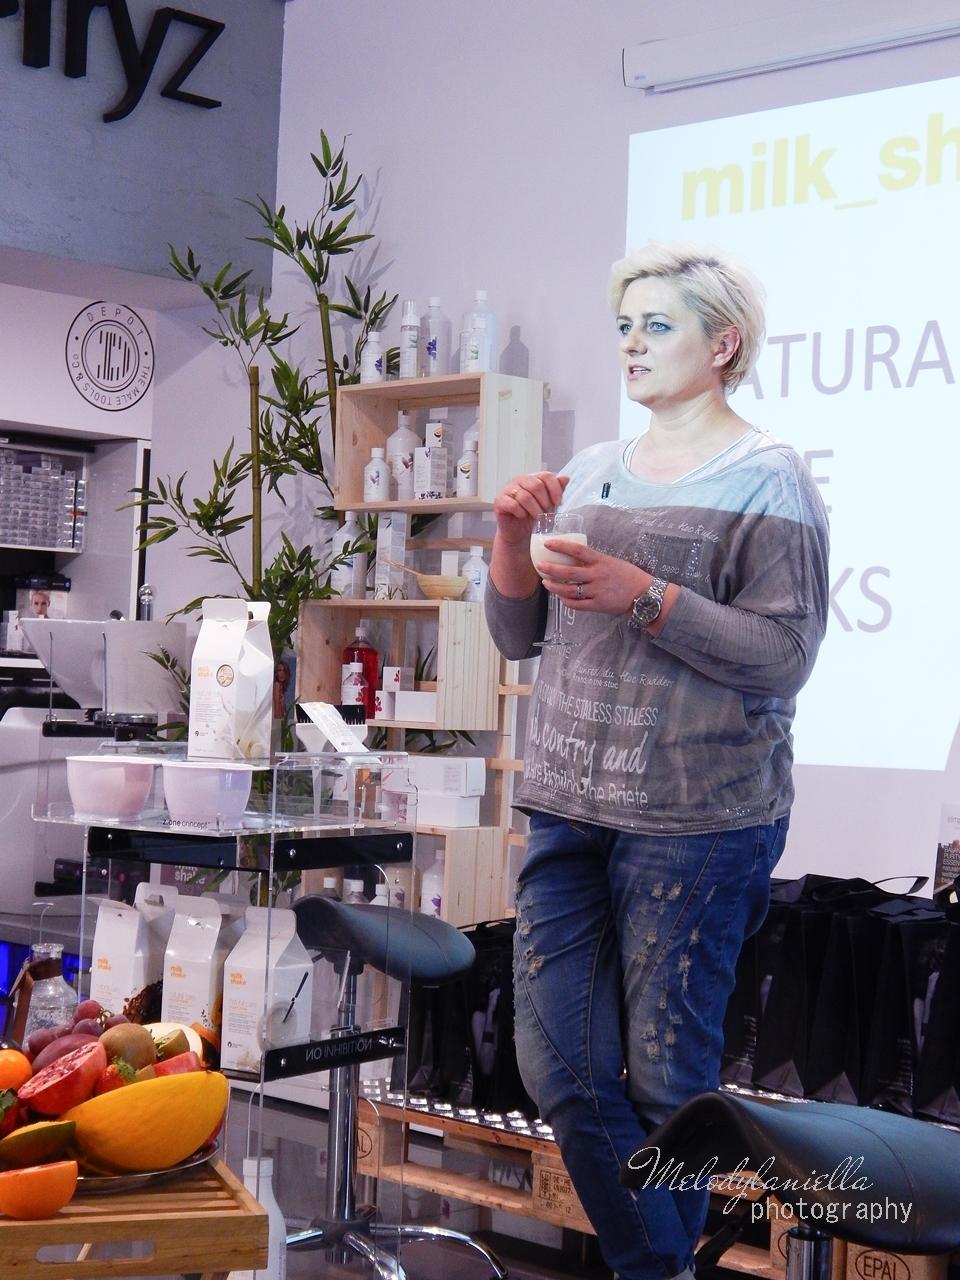 17  relacja spotkanie blogerek akademia z.one concept łódź szkolenia dla fryzjerów akademia fryzjerska koloryzacja melodylaniella jak dbać o włosy pielęgnacja koloryzacja włosów